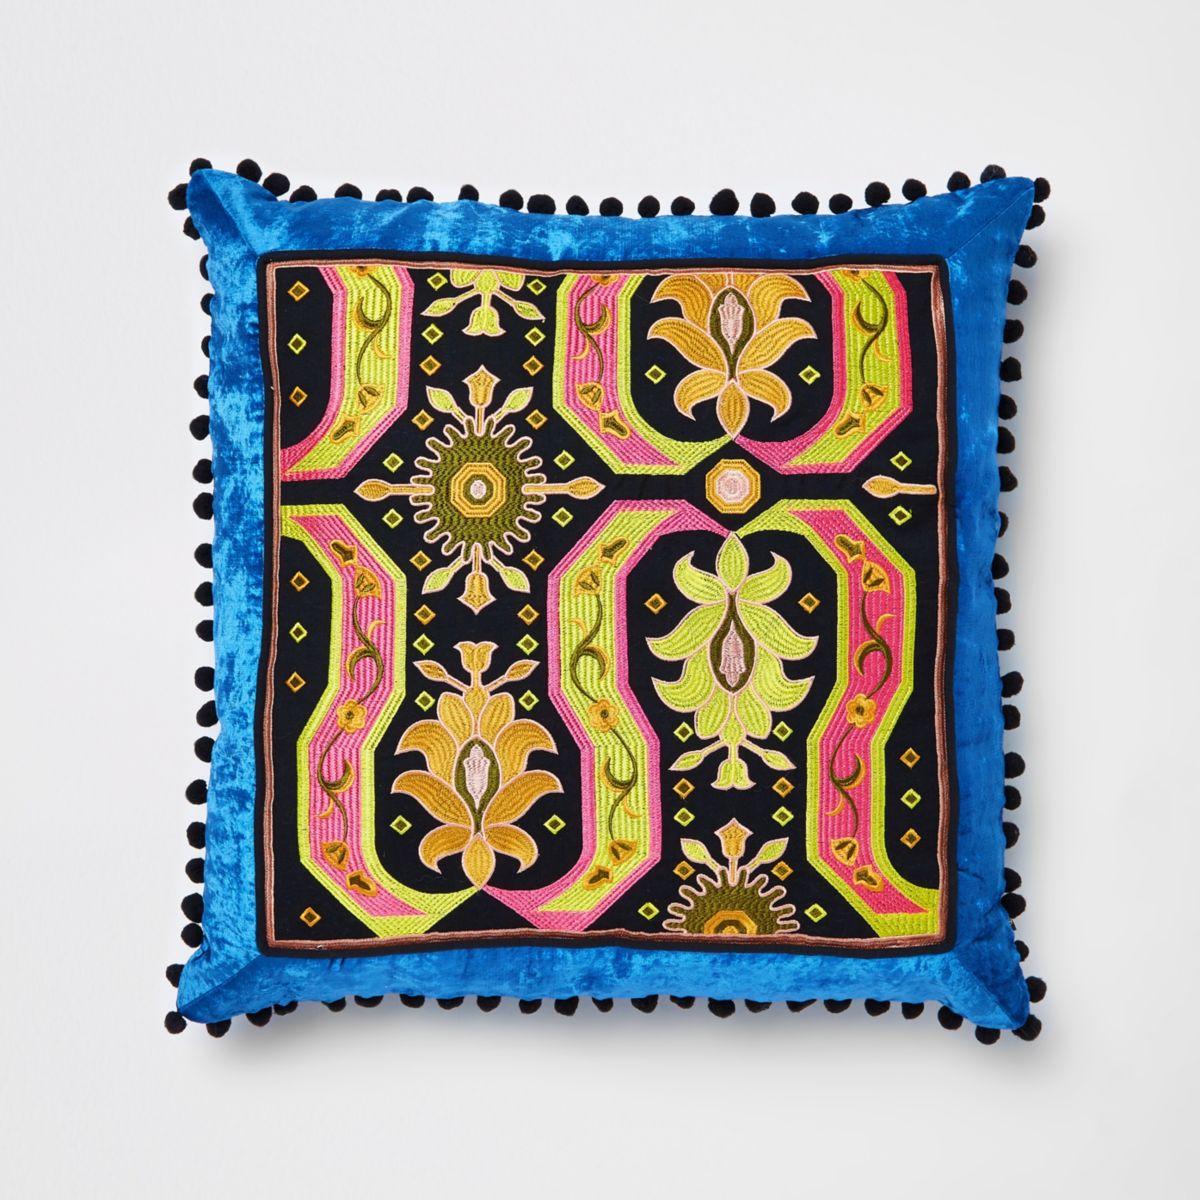 Blue embroidered velvet cushion